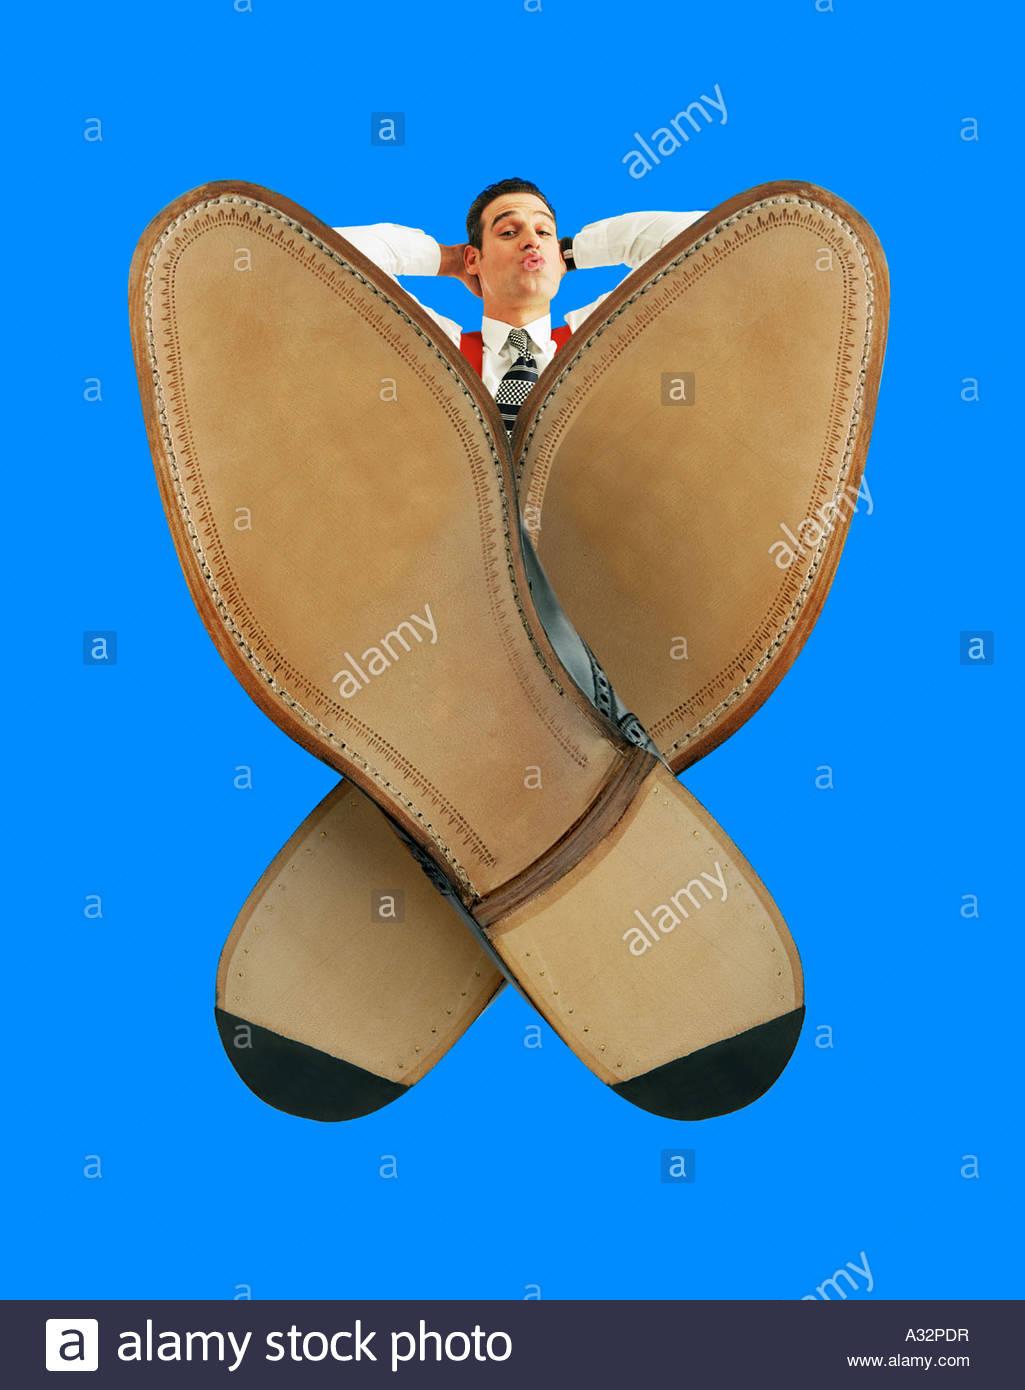 Rilassati guardando l uomo con i suoi piedi sulla scrivania, incrociati. Extreme ampio angolo di incidenza. Immagini Stock